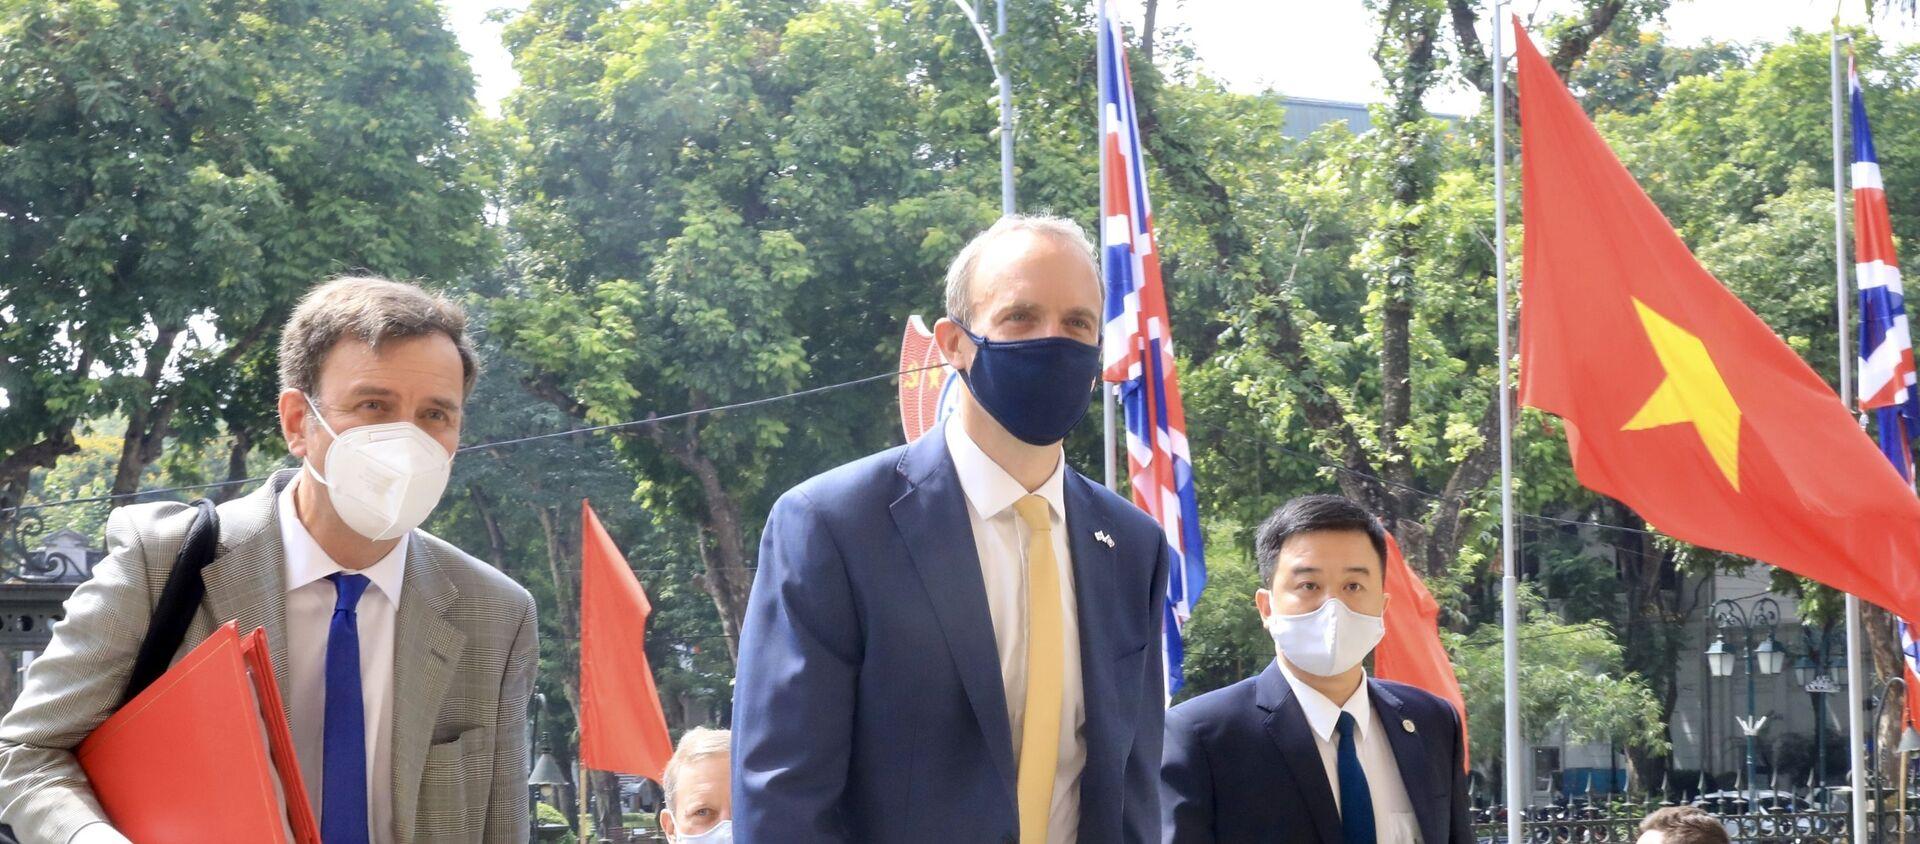 Bộ trưởng Ngoại giao và Phát triển Vương quốc Anh Dominic Raab đến dự hội đàm. - Sputnik Việt Nam, 1920, 22.06.2021